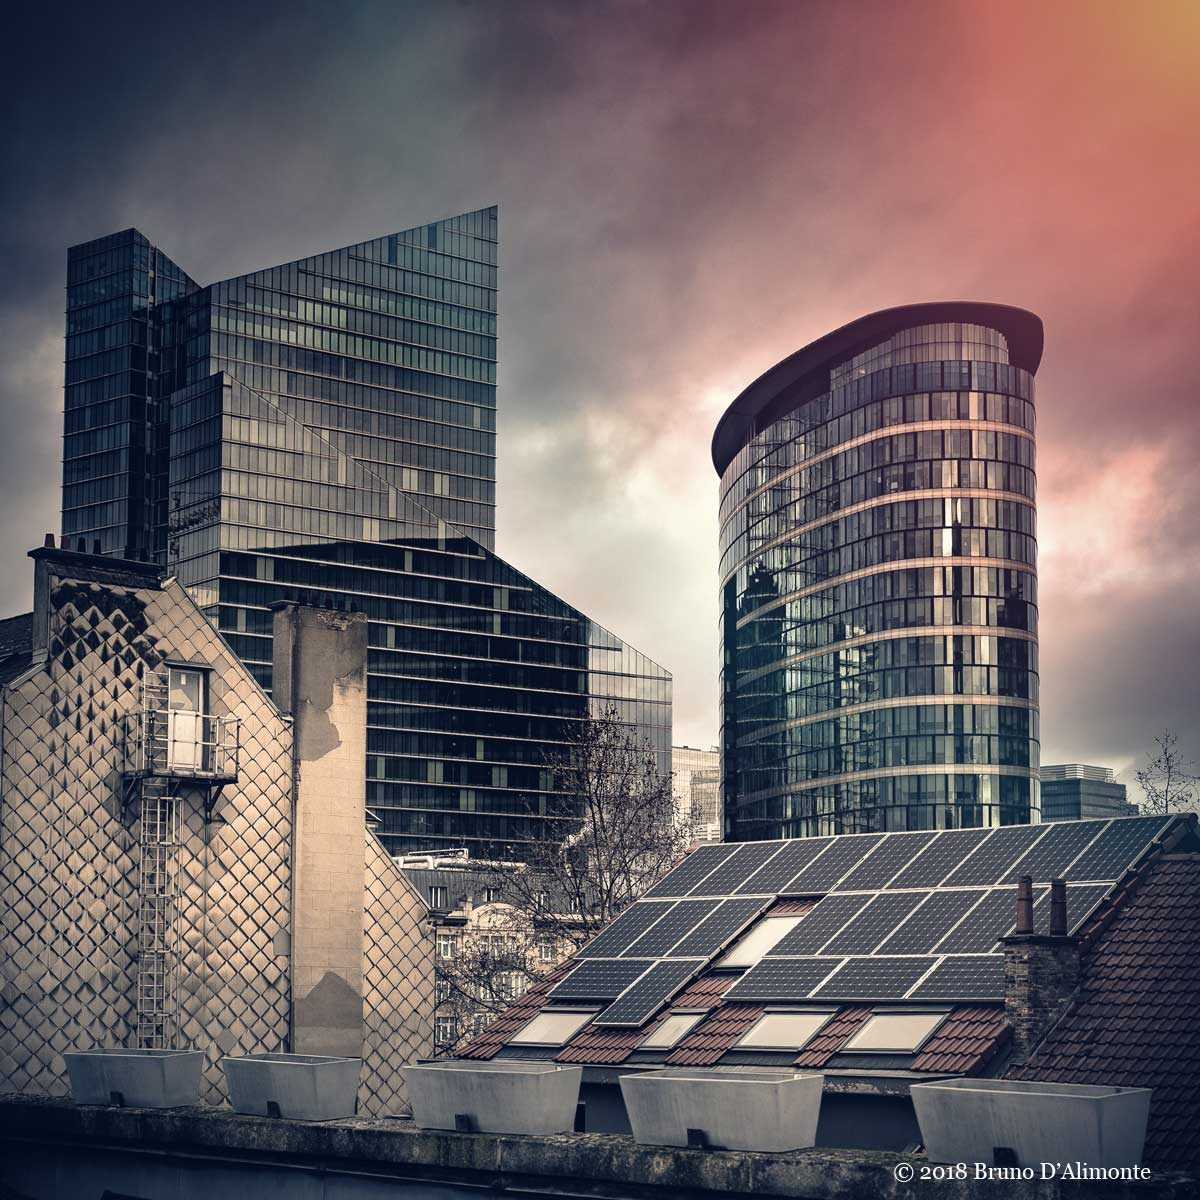 photographie de la tour Rogier et de la tour Covent Garden à Bruxelles depuis une terrasse de la rue du Marais. Devant des maisons anciennes avec une toiture recouverte de panneaux solaires. copyright 2018 Bruno D'Alimonte